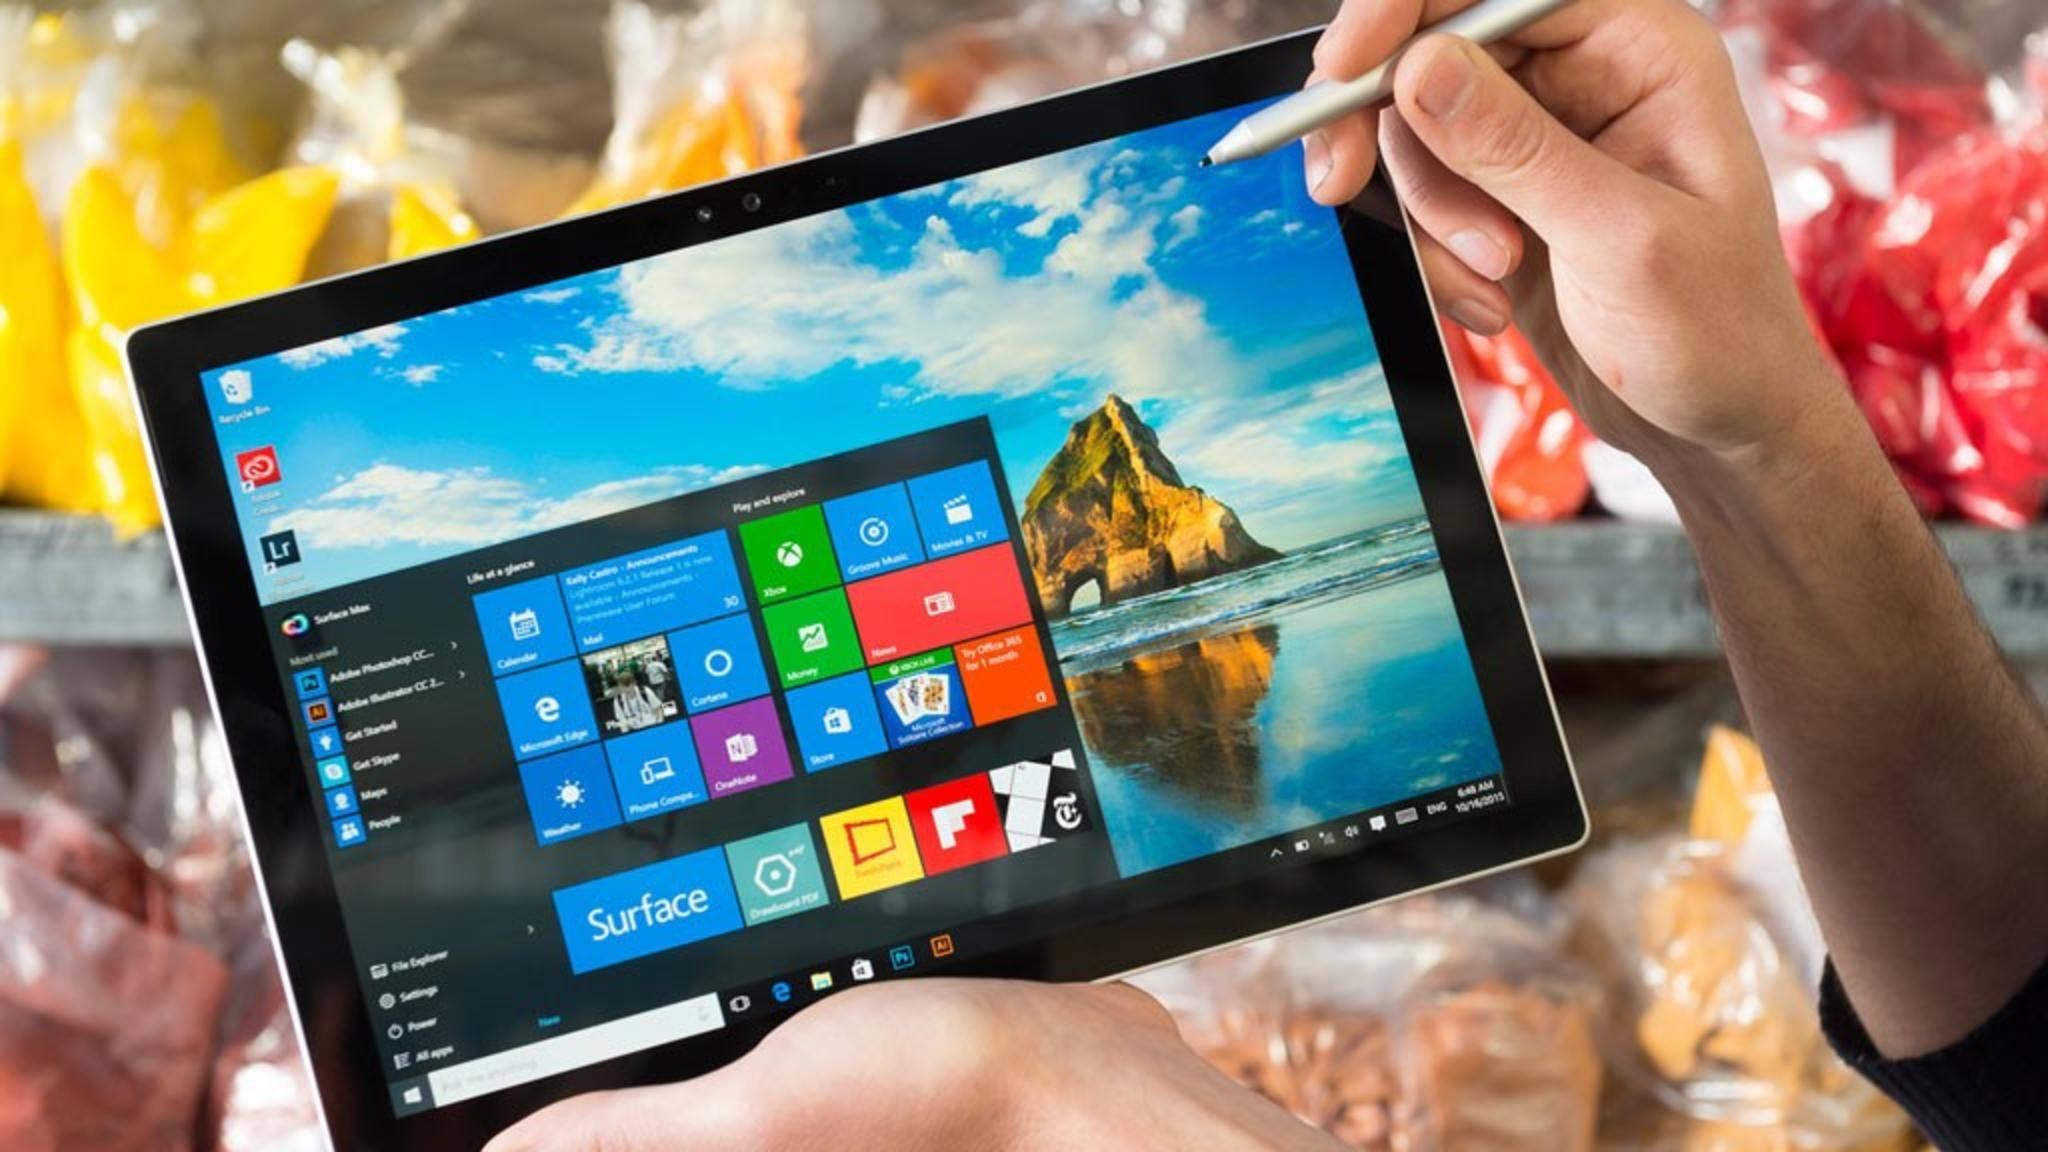 Falls Windows 10 die Installation eines Programms verweigert, musst Du einen kleinen Umweg gehen.